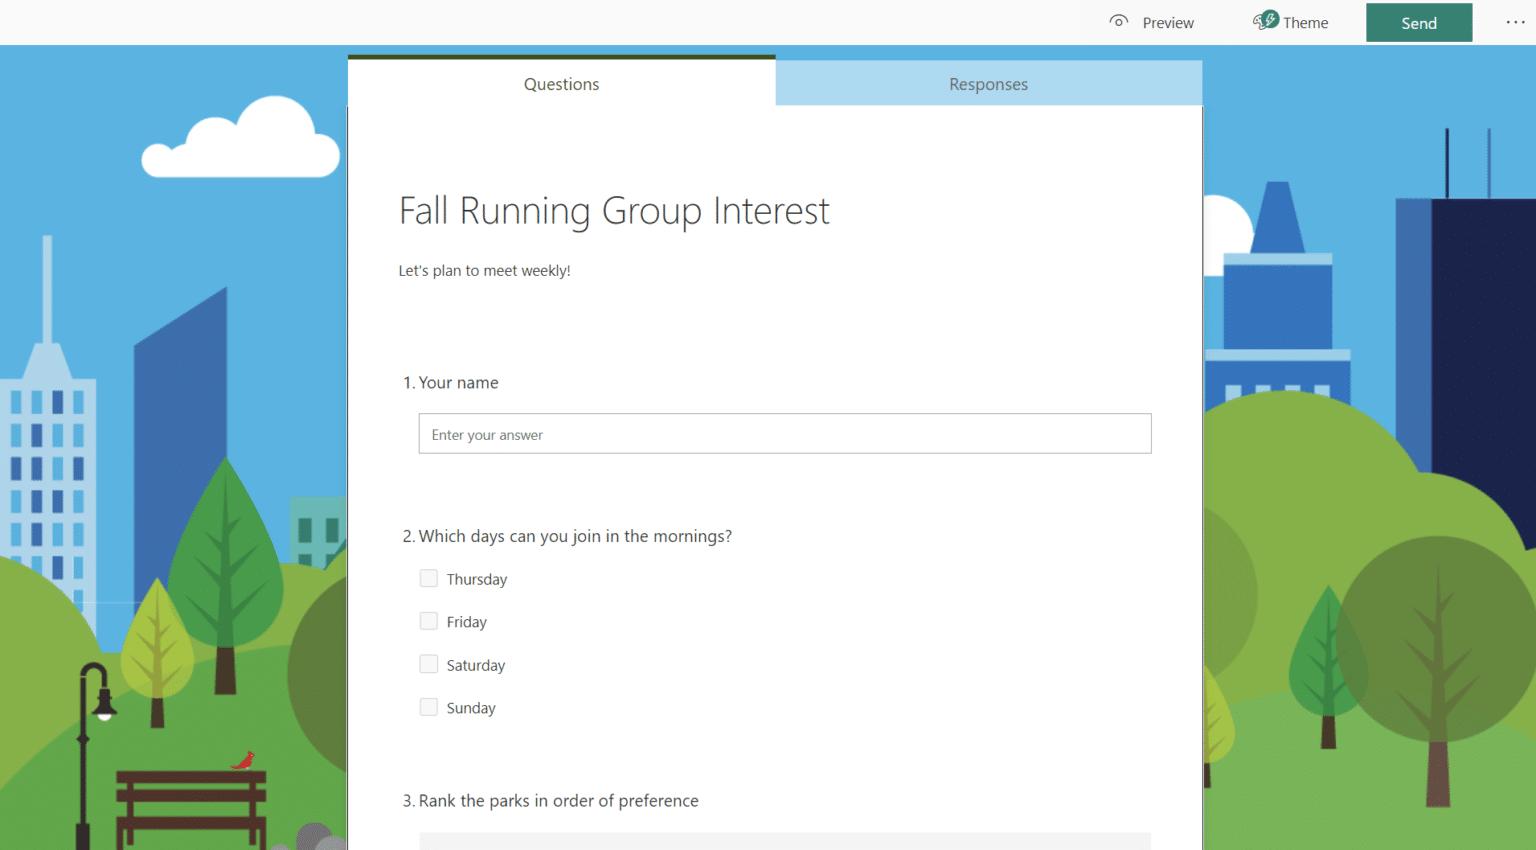 Опрашивайте своих друзей и семью или устраивайте для них викторину с помощью Microsoft Forms. Сервис теперь доступен для личного использования